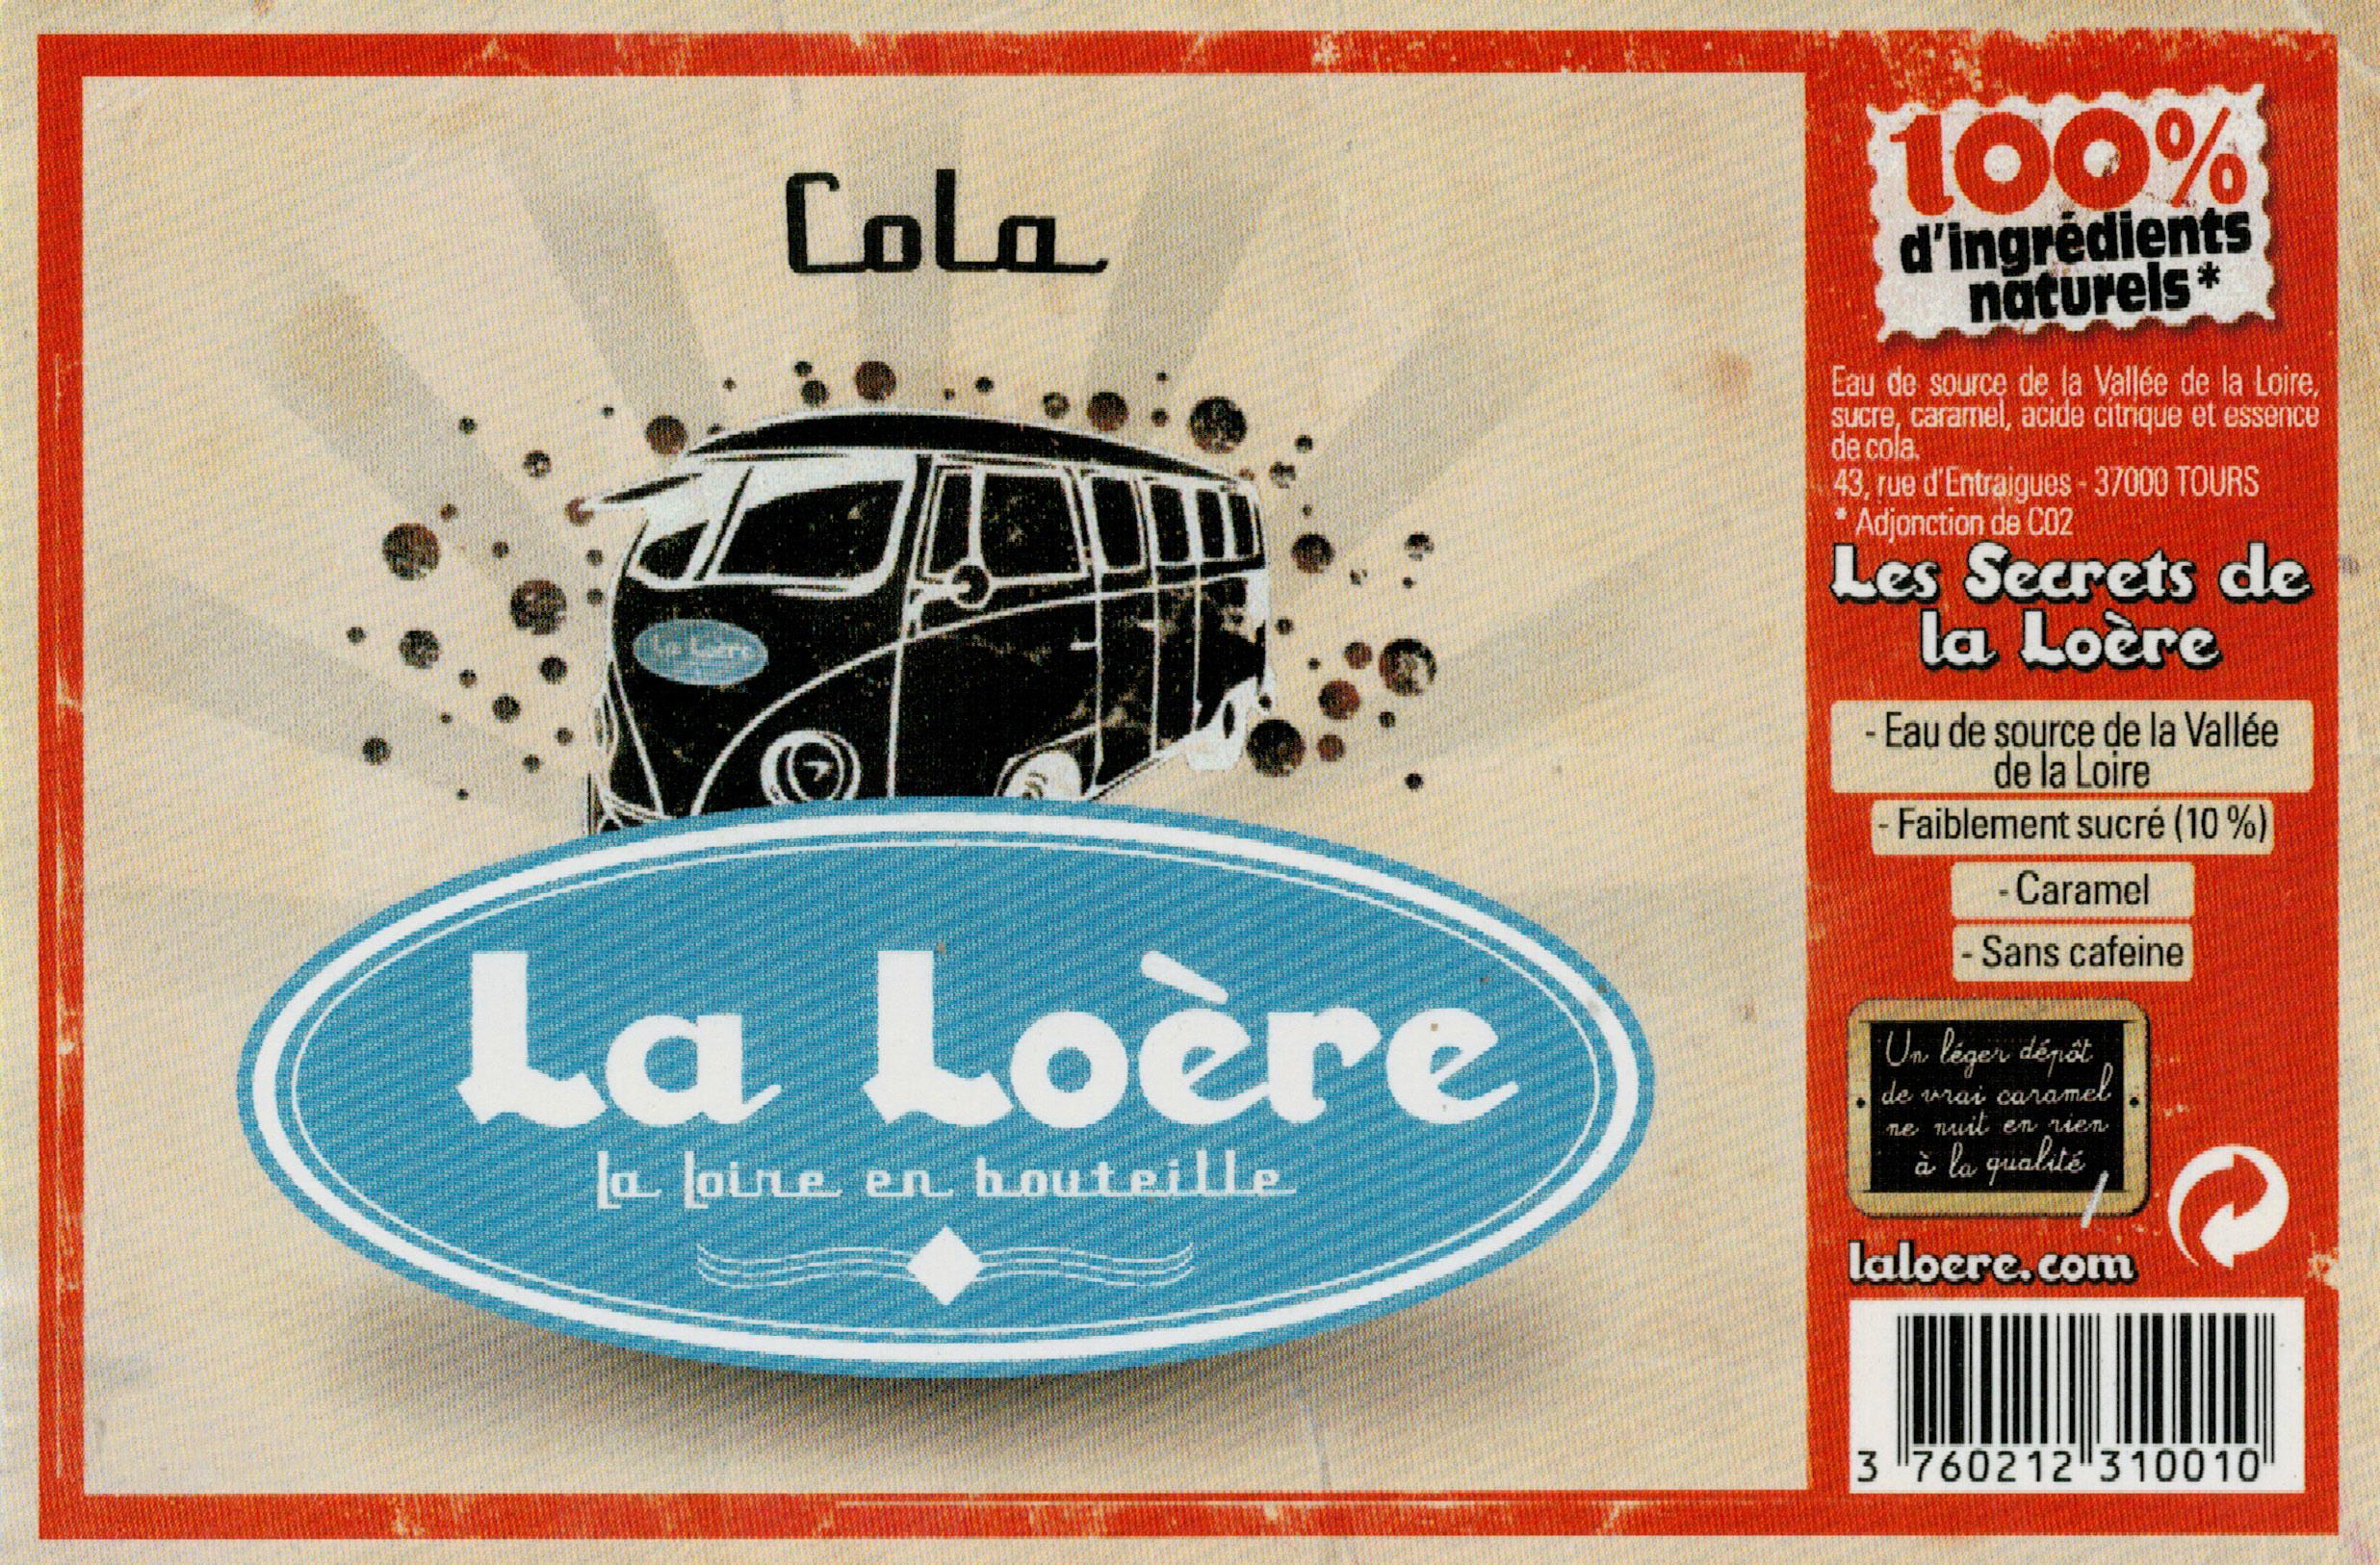 LOERE-etiquette-cola-vierge-web